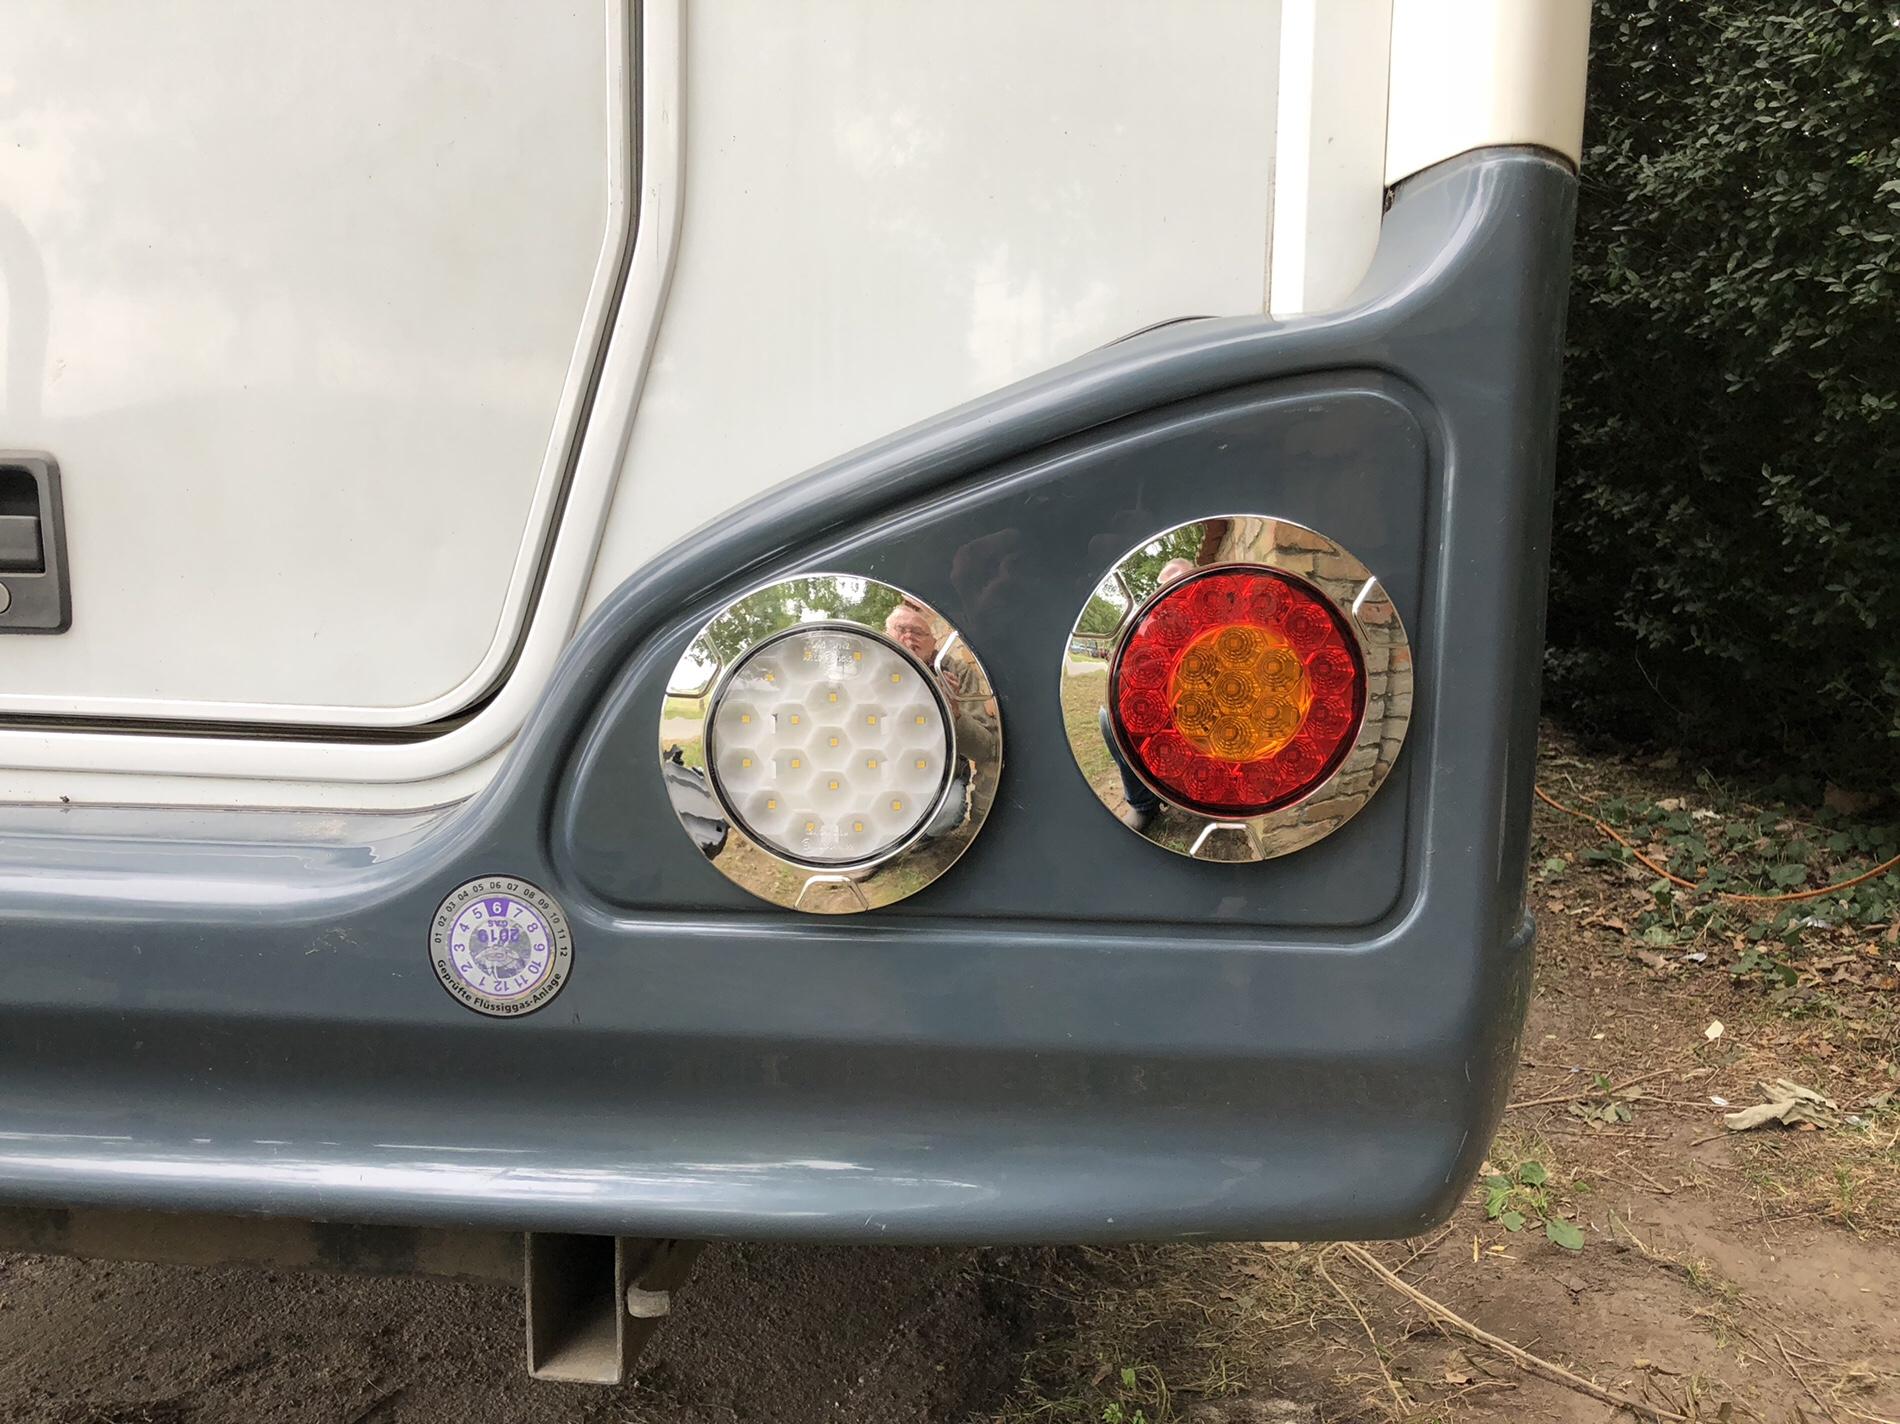 Hier Die Rechte Seite Mit Ruckfahrscheinwerfer Separat Und Der 3 Wegeleuchte Blinker Rucklicht Und Bremslicht